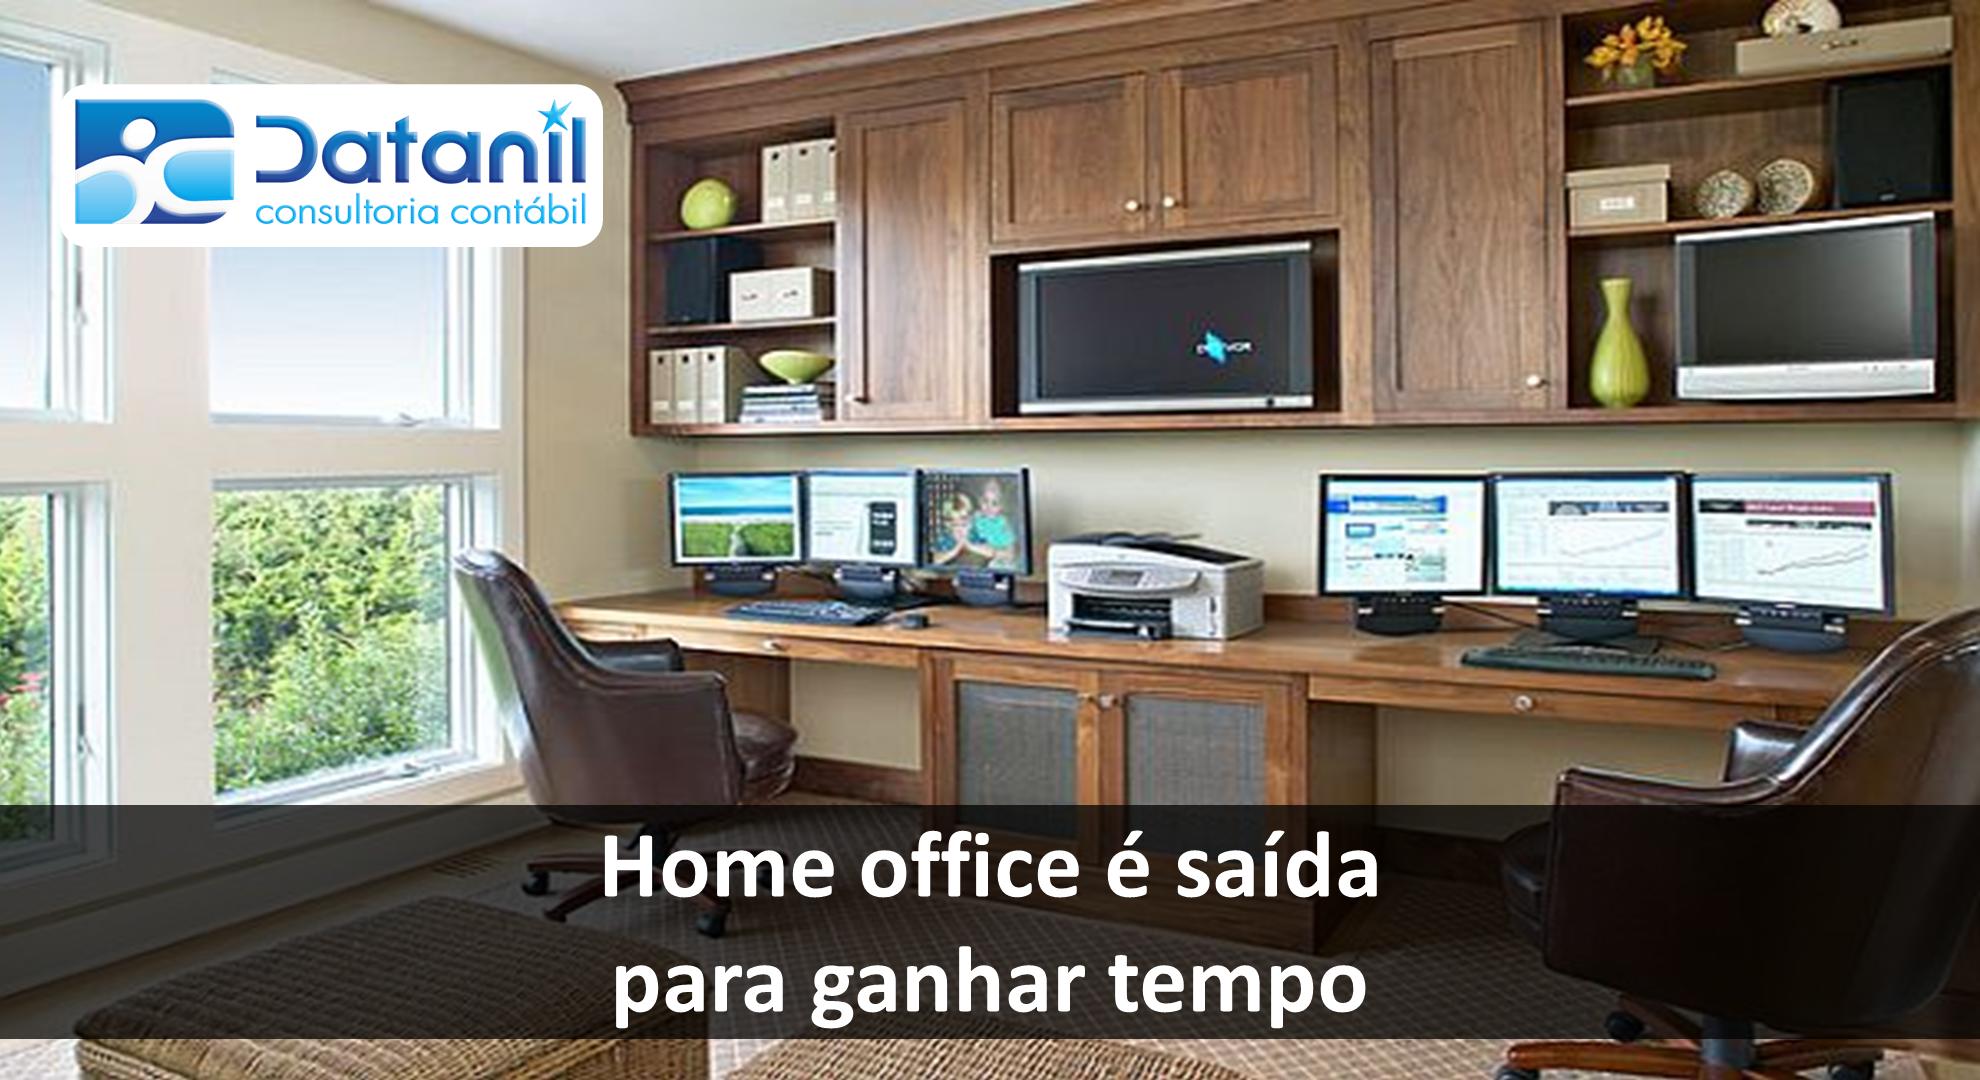 Home Office é Saída Para Ganhar Tempo